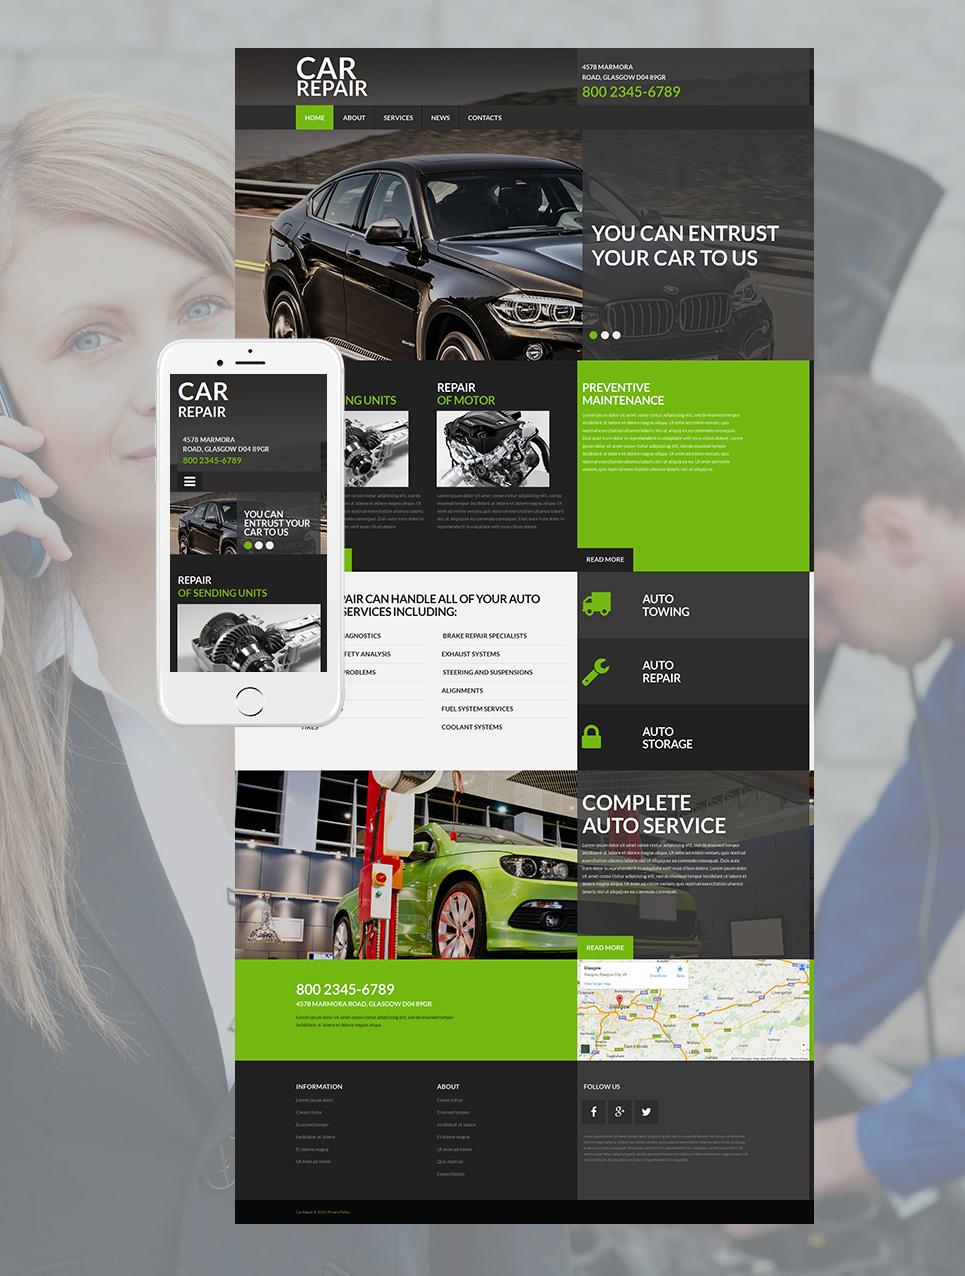 Car Repairs Site Design - image